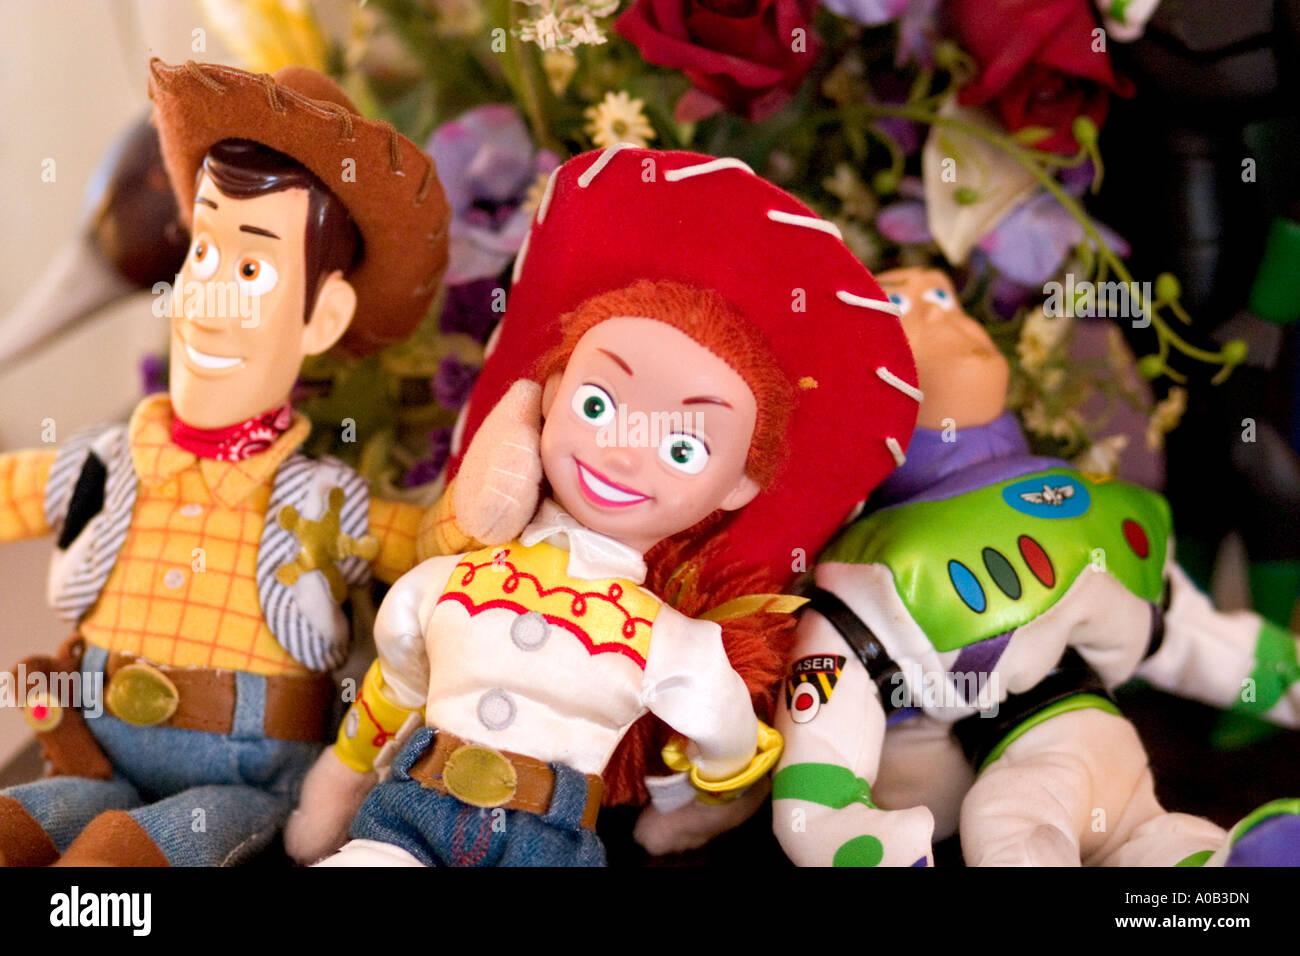 Poupées Toy Story Woody Jessie et Buzz Lightyear prêt à jouer. St Paul  Minnesota MN 92c59a54600